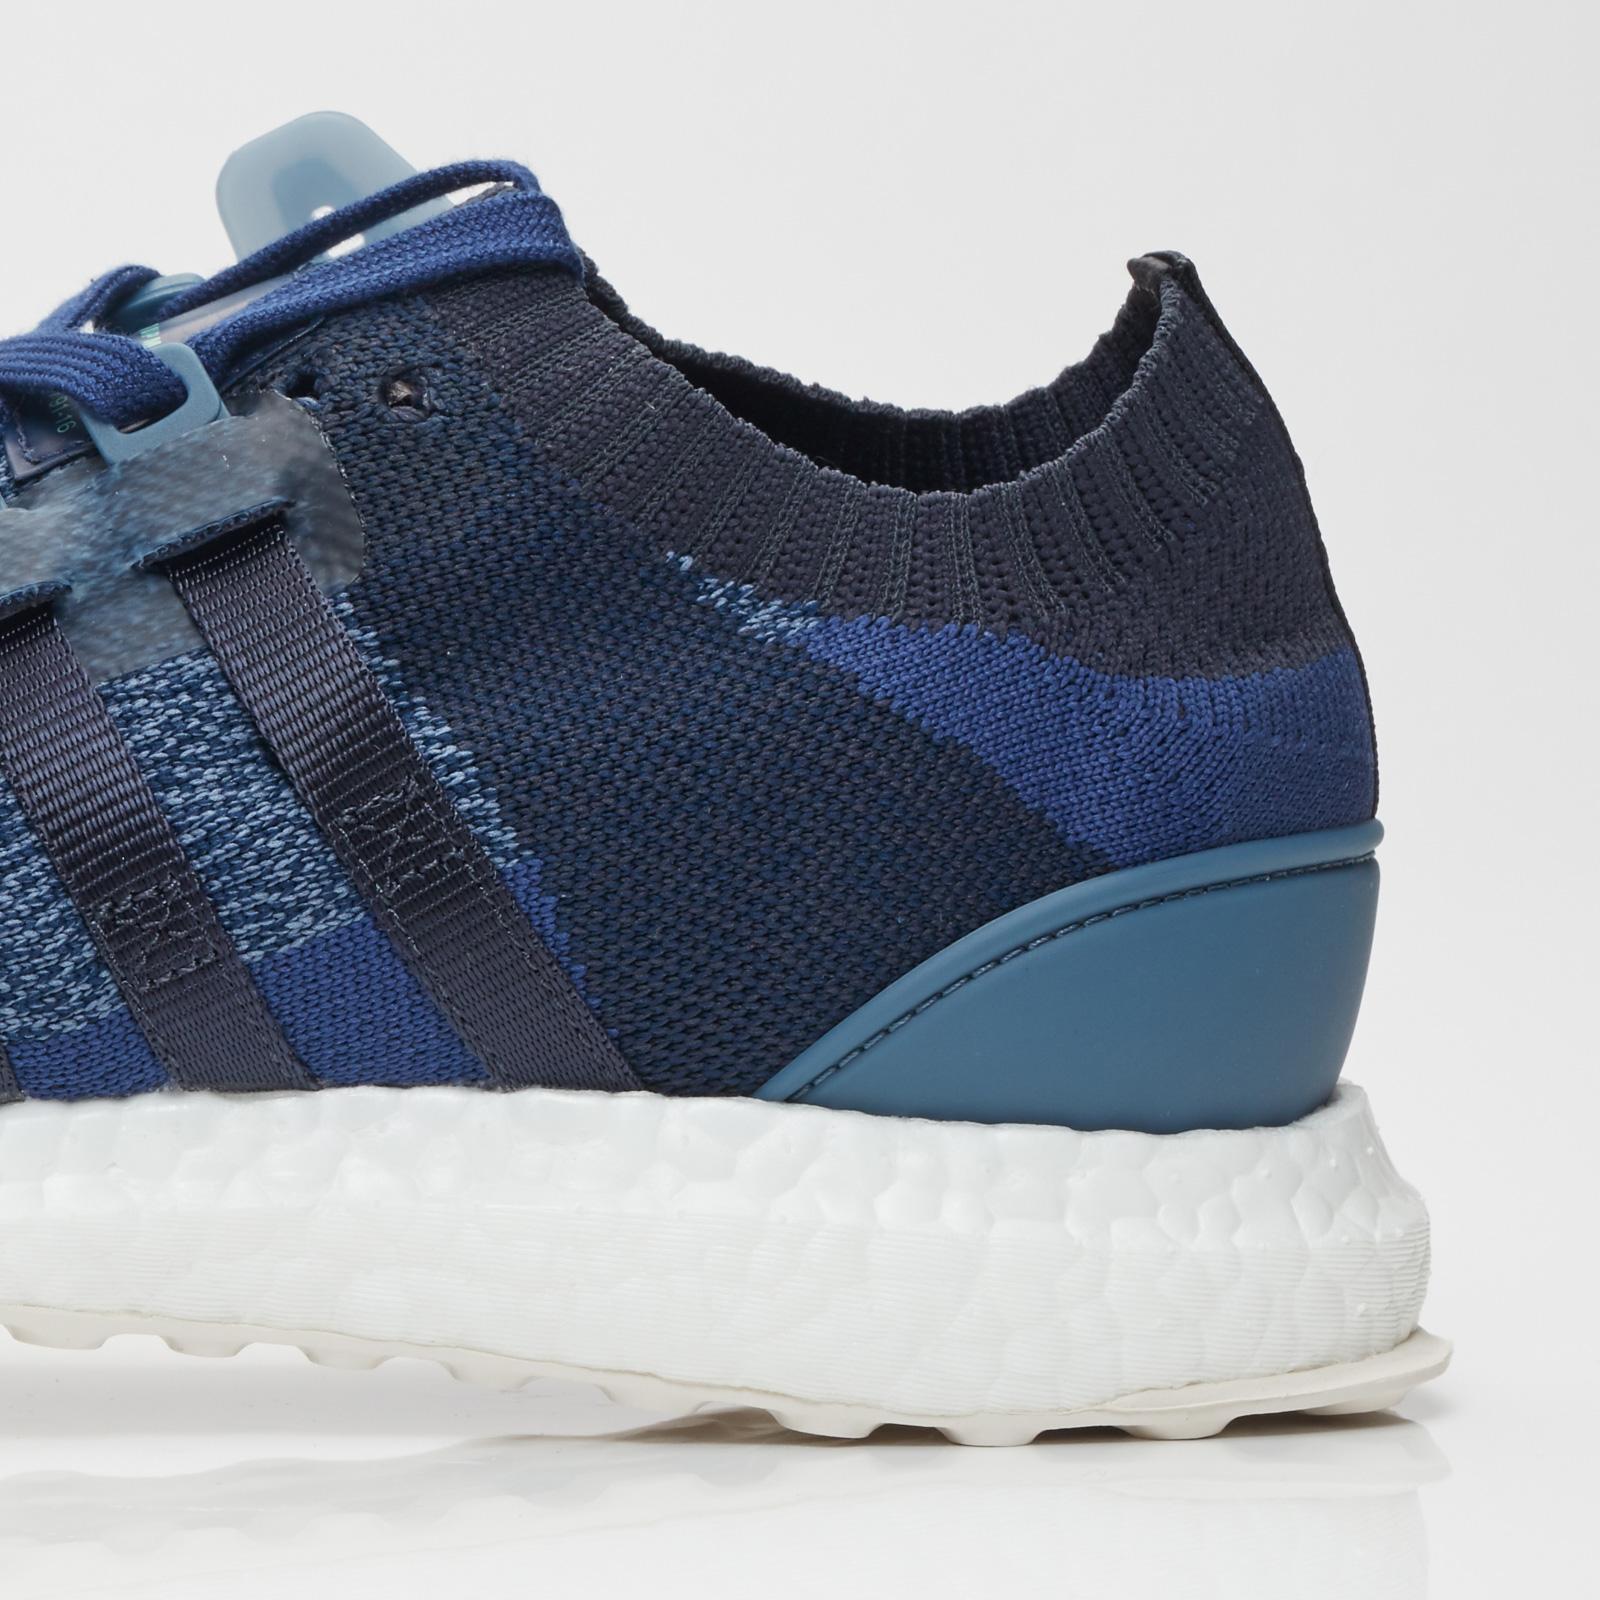 adidas originals eqt support ultra primeknit